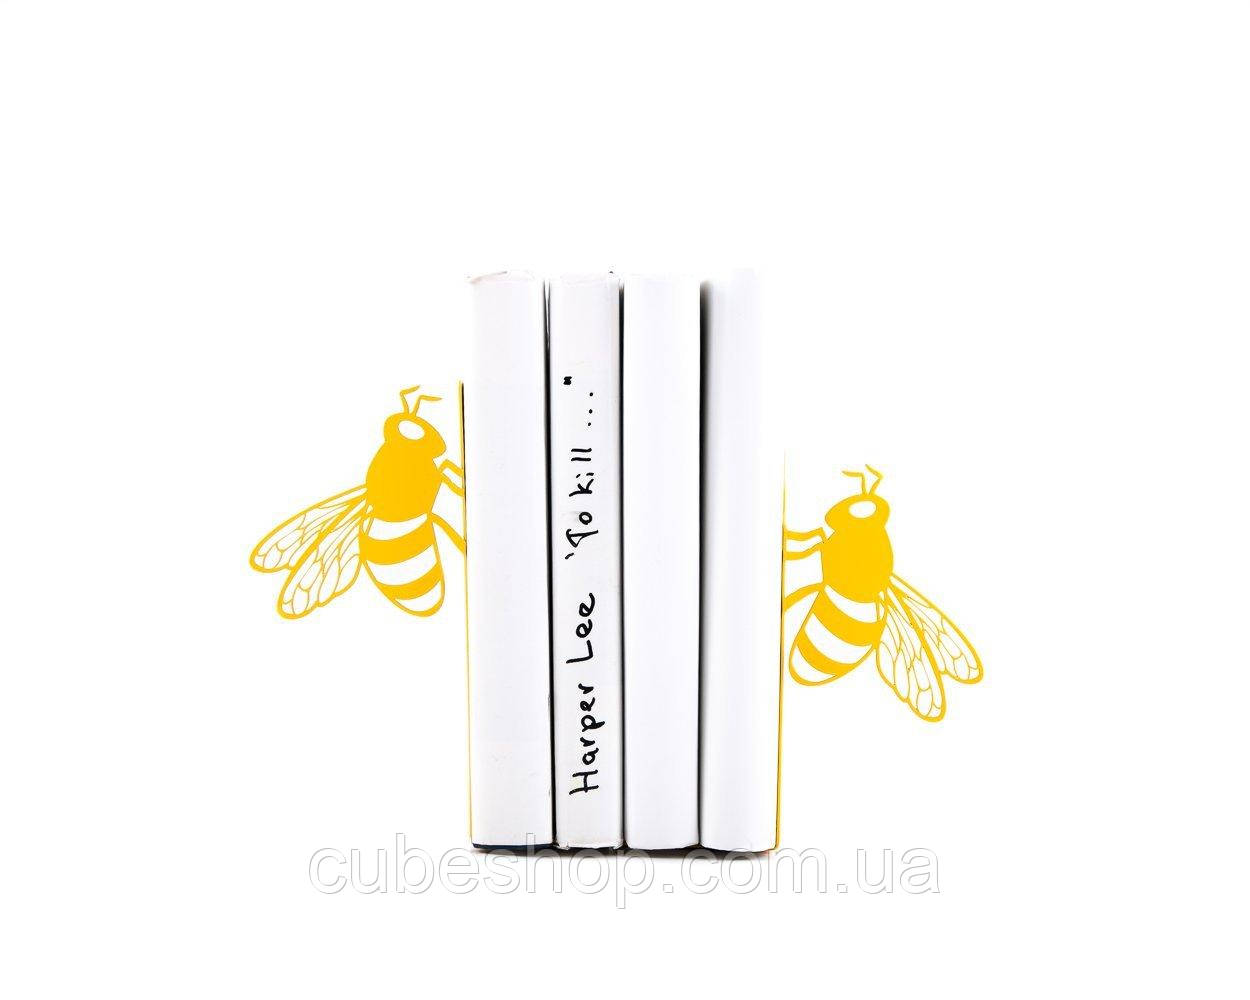 Держатели для книг Пчёлы